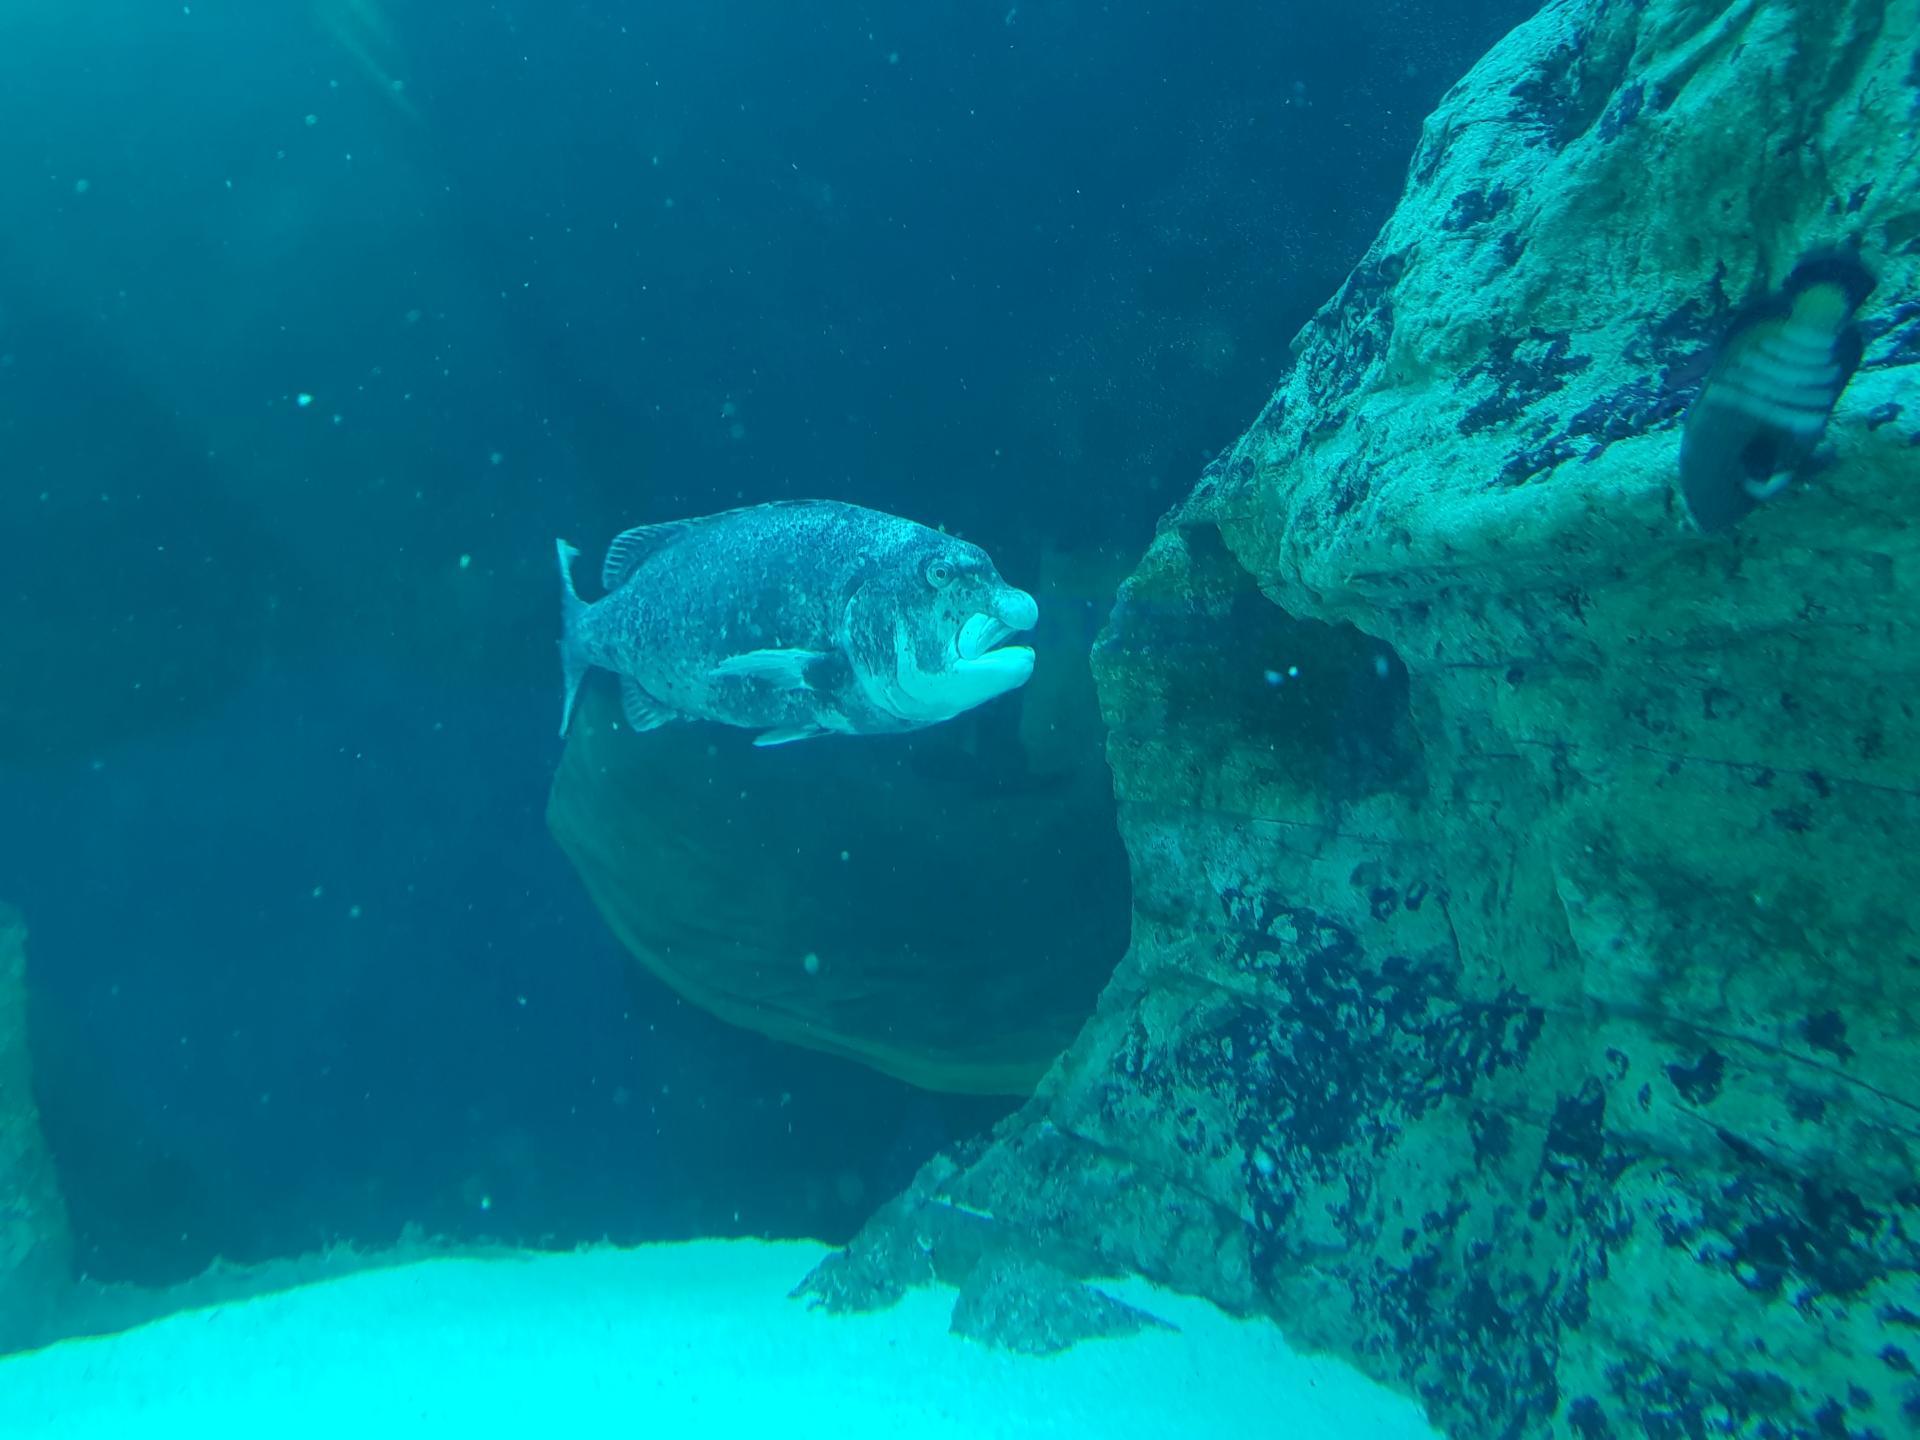 рыба в аквариуме, Кейптаун